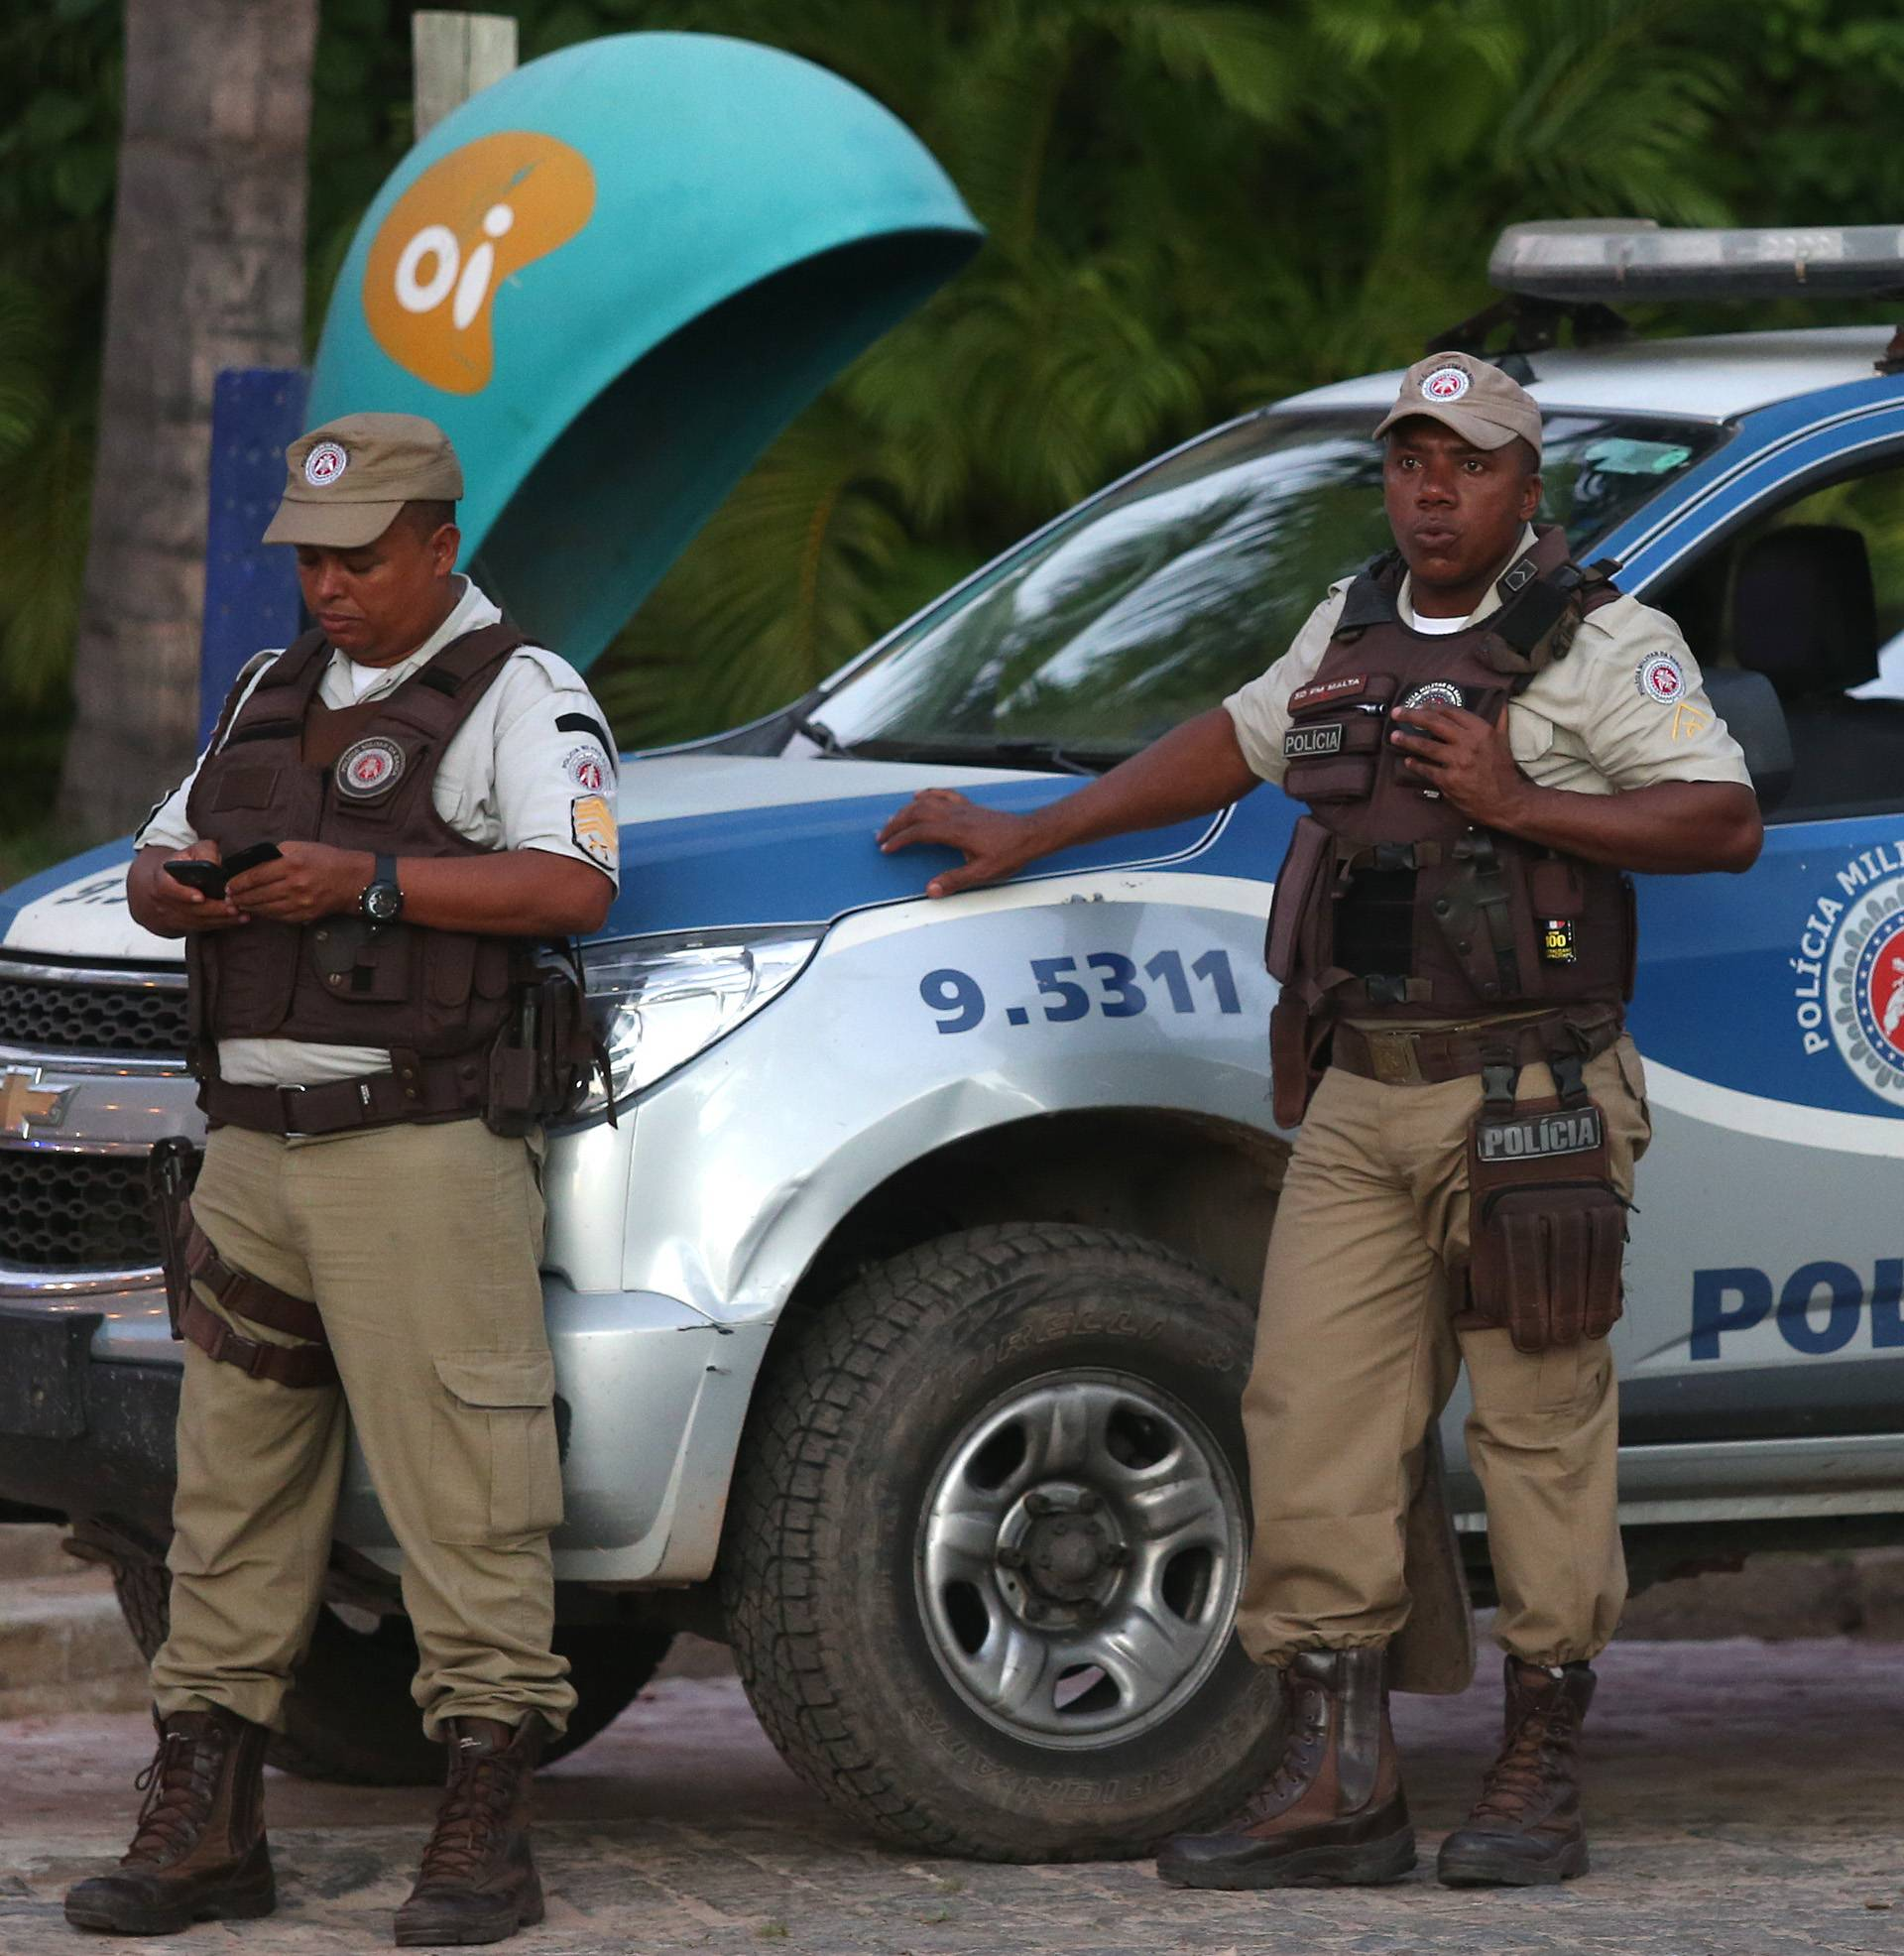 Akcija policije u Riju: Ubili su tri krijumčara droge u faveli